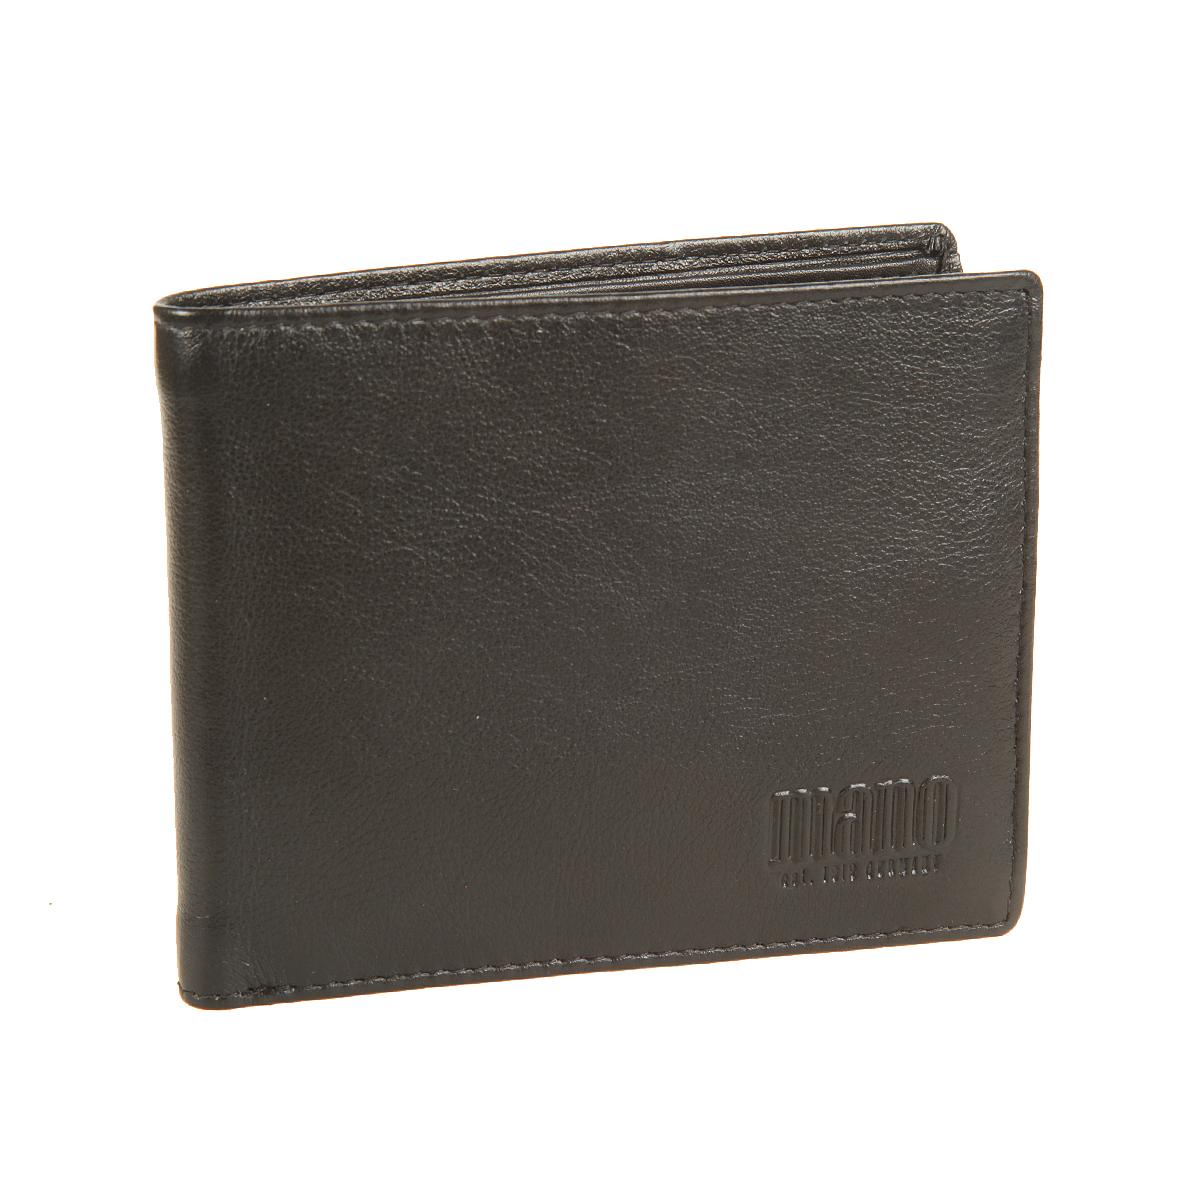 Портмоне мужское Mano, цвет: черный. 14660/114660/1 blackСтильное мужское портмоне Mano выполнено из натуральной кожи. Изделие оформлено тиснением с названием производителя. Изделие раскладывается пополам. Портмоне содержит два отделения для купюр, шесть кармашков для визиток и пластиковых карт, карман для мелочи на кнопке и два боковых кармана для документов. Портмоне упаковано в фирменную картонную коробку. Такое портмоне станет отличным подарком для человека, ценящего качественные и стильные вещи.